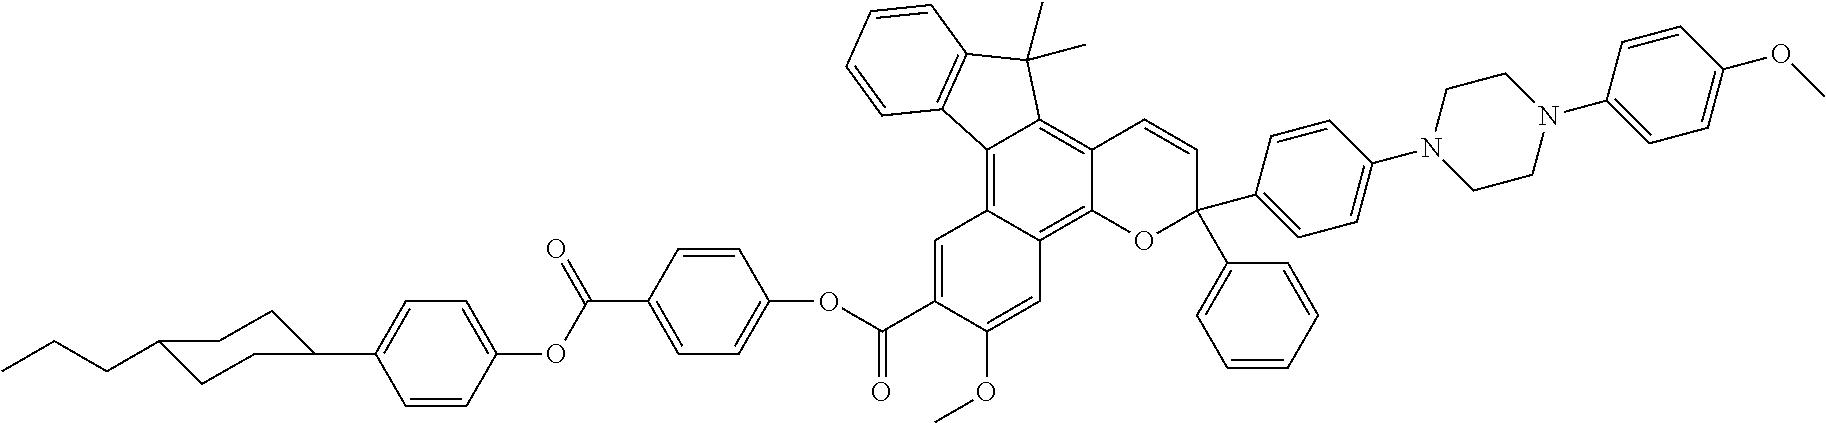 Figure US08518546-20130827-C00073